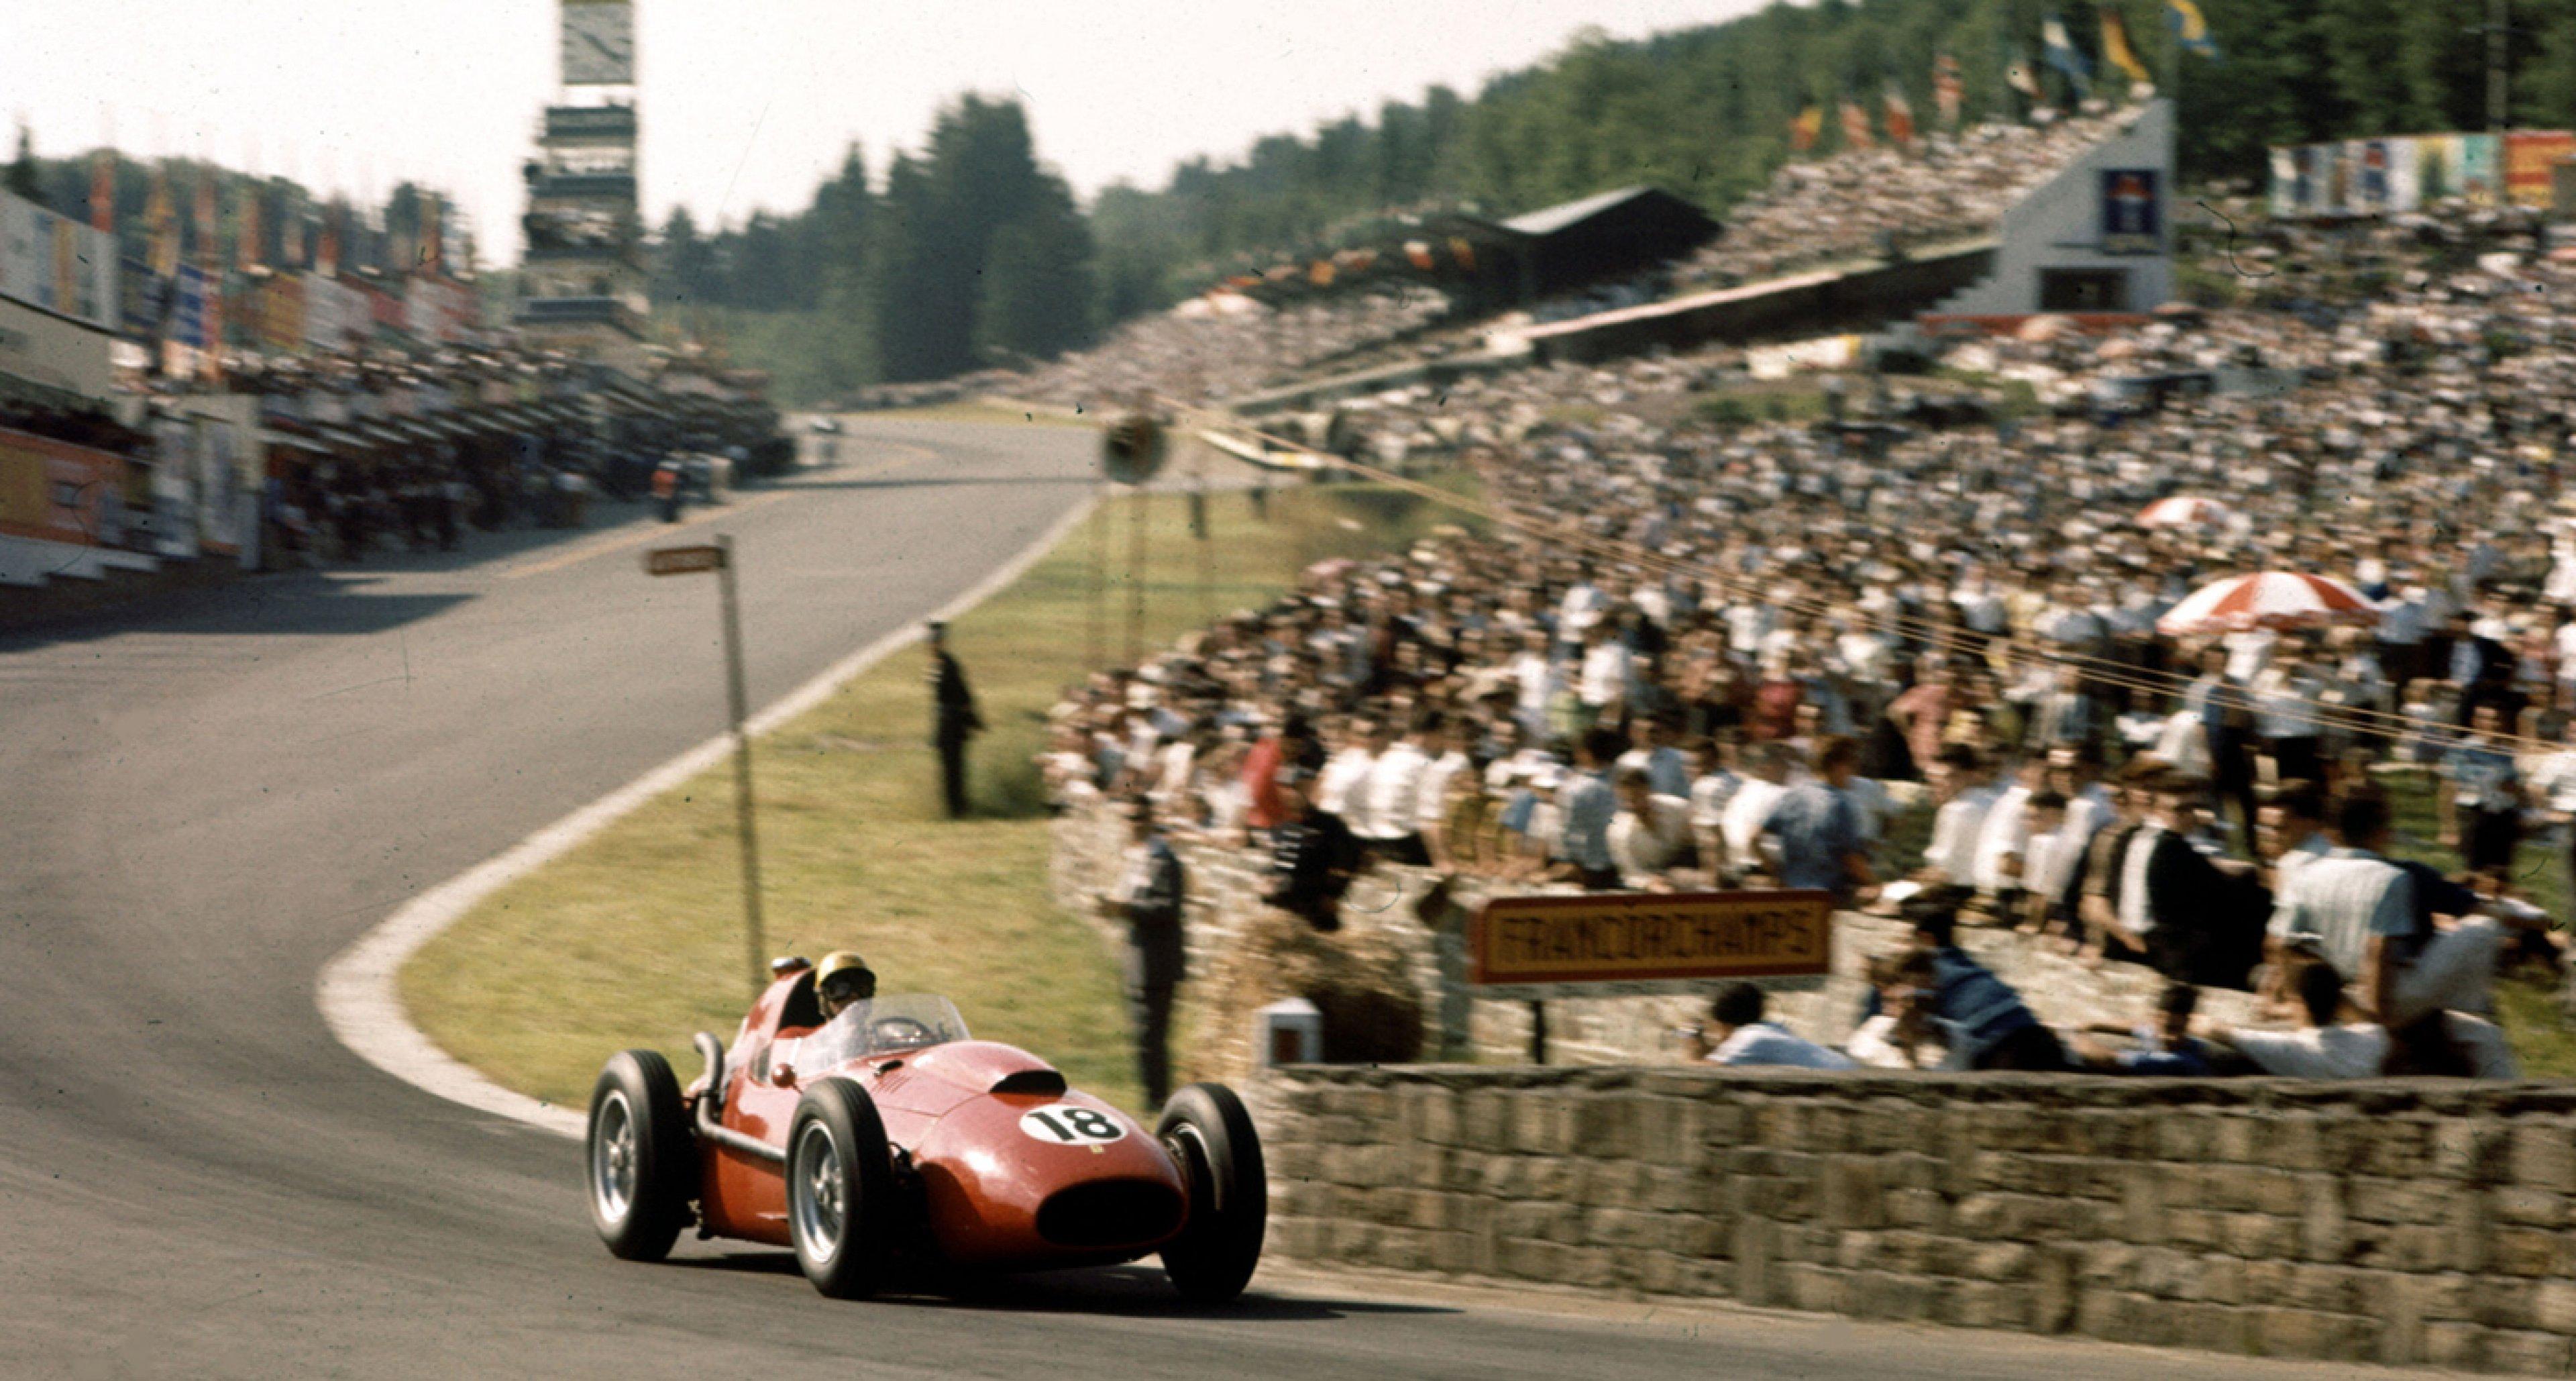 1958 Belgian Grand Prix, Luigi Musso at the wheel of his Ferrari Dino 246